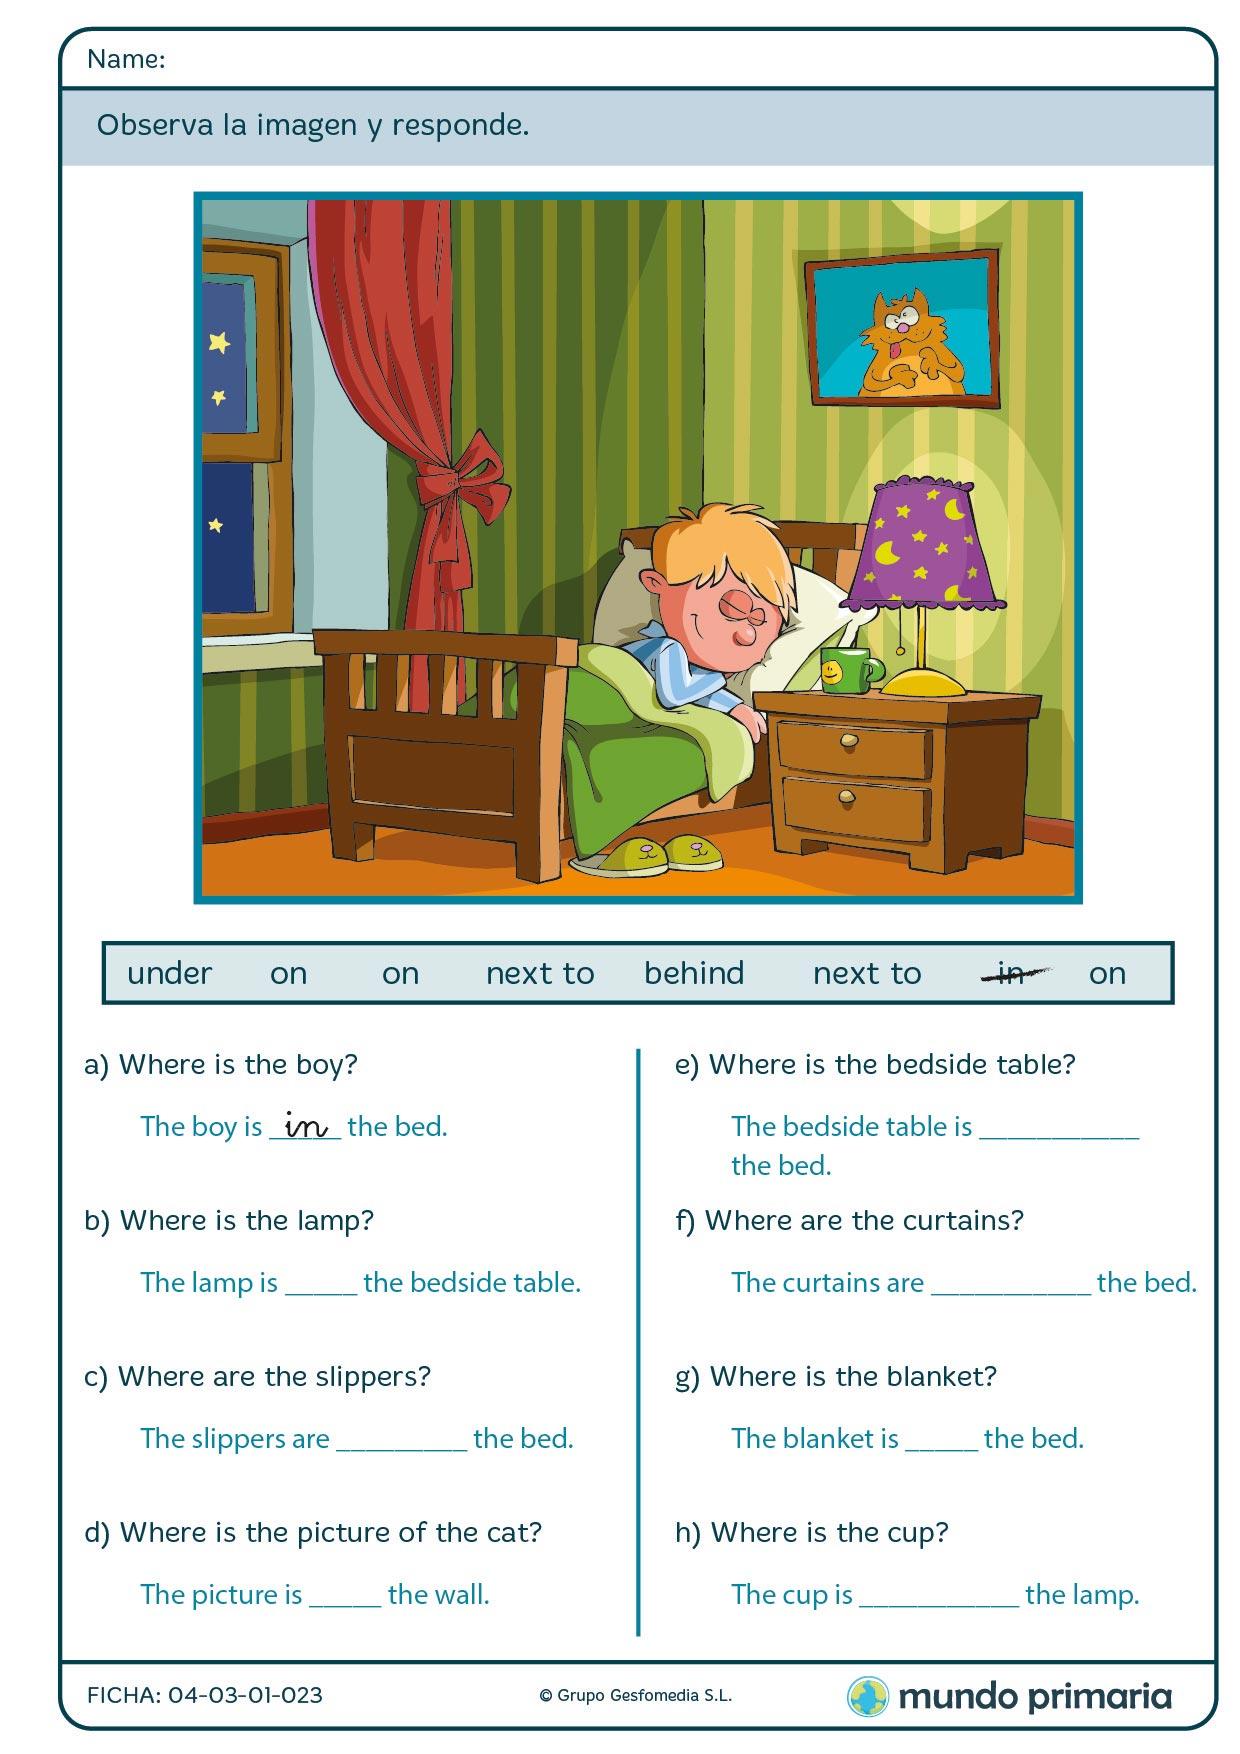 Responde a las preguntas sobre la iamgen superior sobre preposiciones